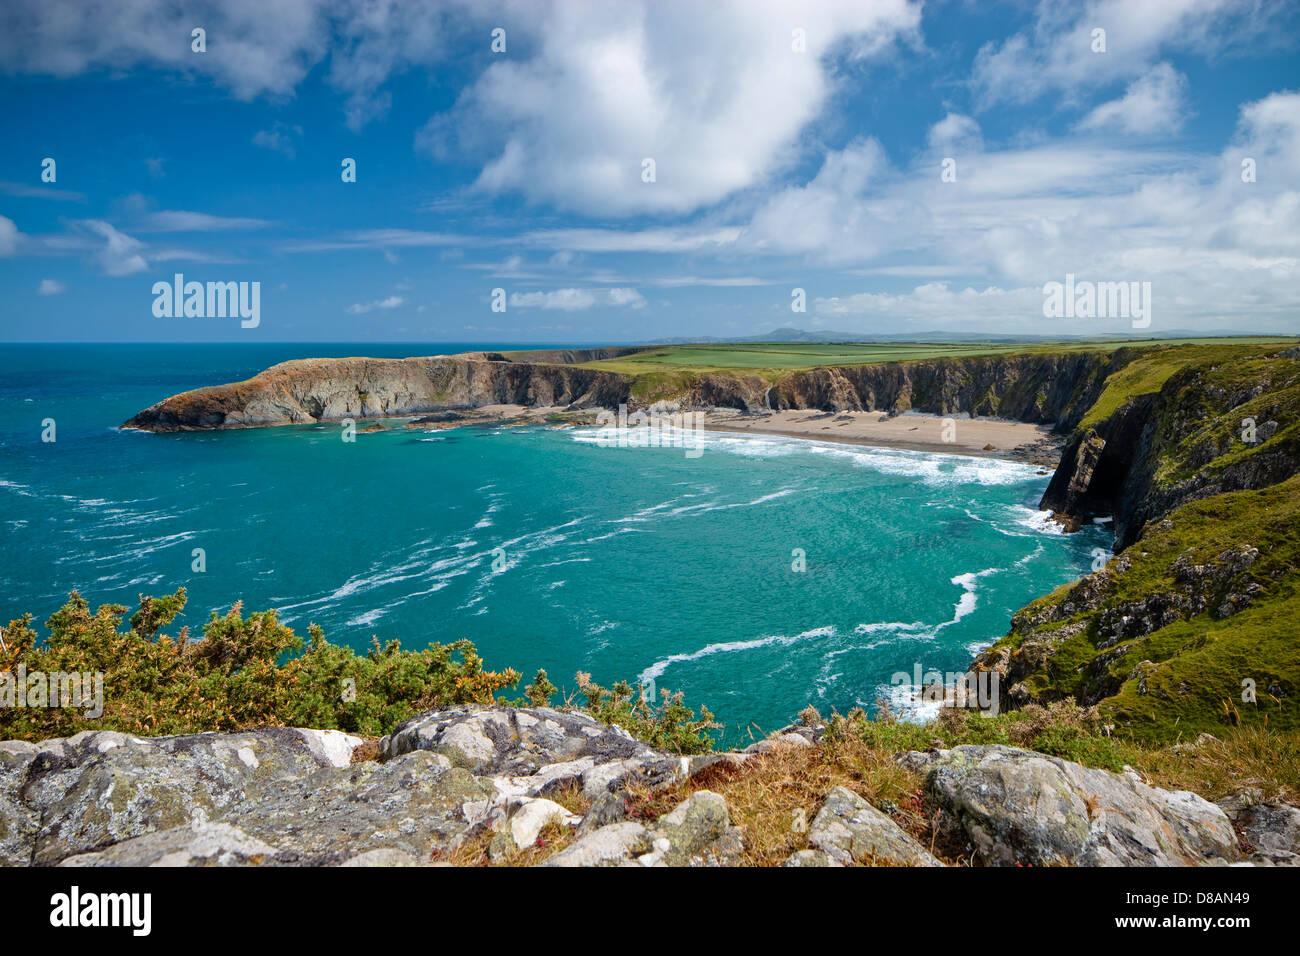 Sentiero costiero con Traeth Llyfn in background Abereiddy Saint Davids Pembrokeshire Wales Immagini Stock